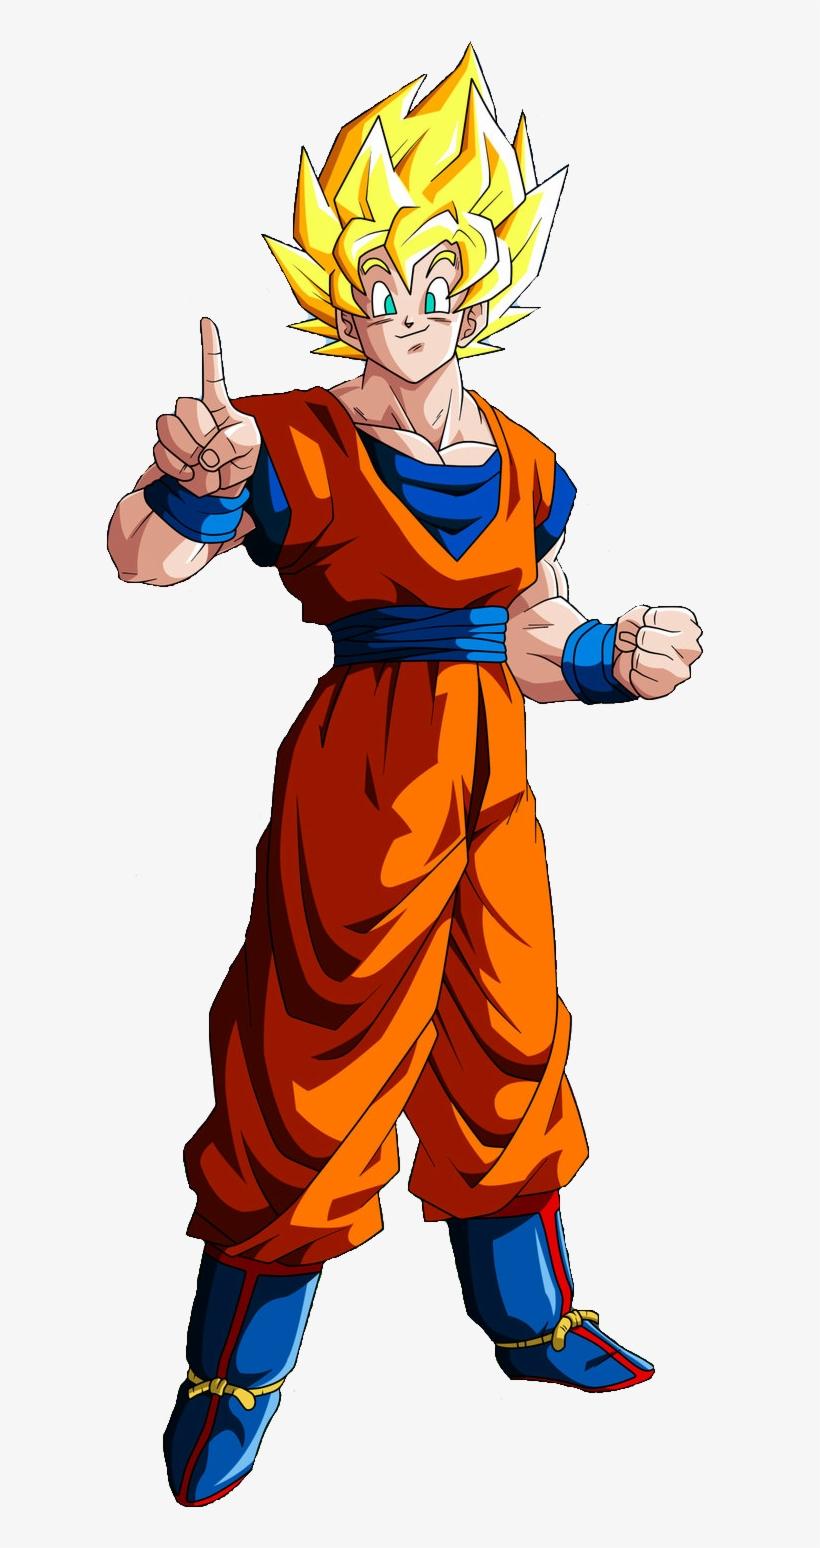 Goku Clipart Full Body Imagens De Goku Ssj Free